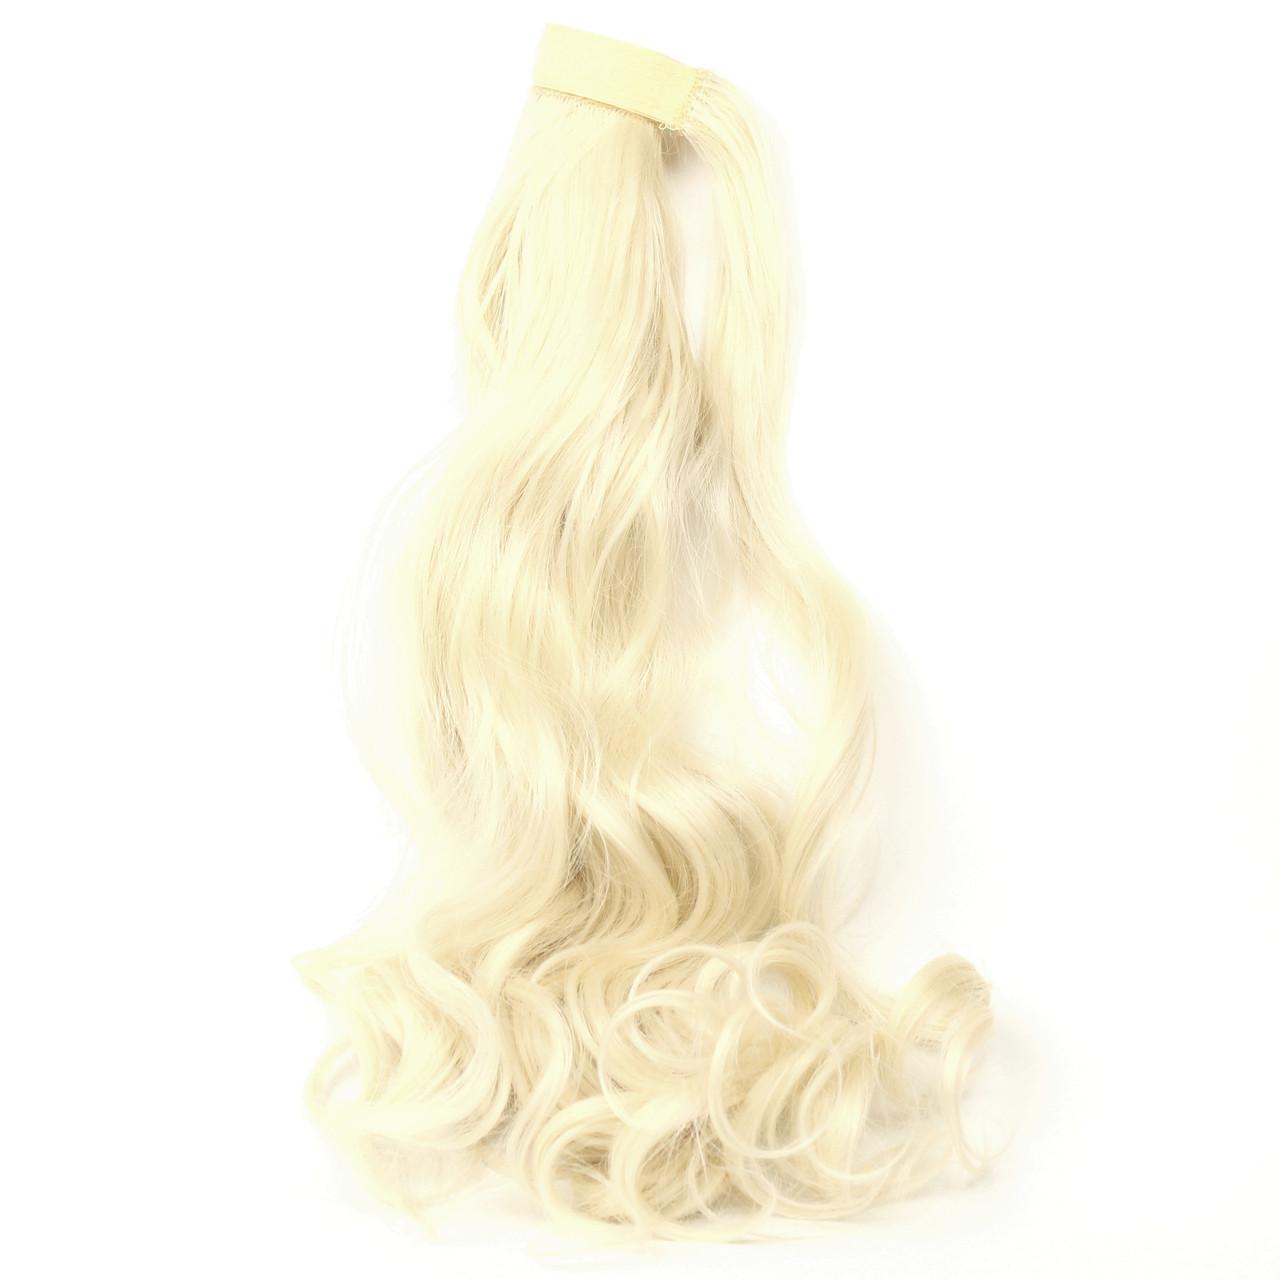 Искусственный кудрявый хвост с дополнительной прядью блонд